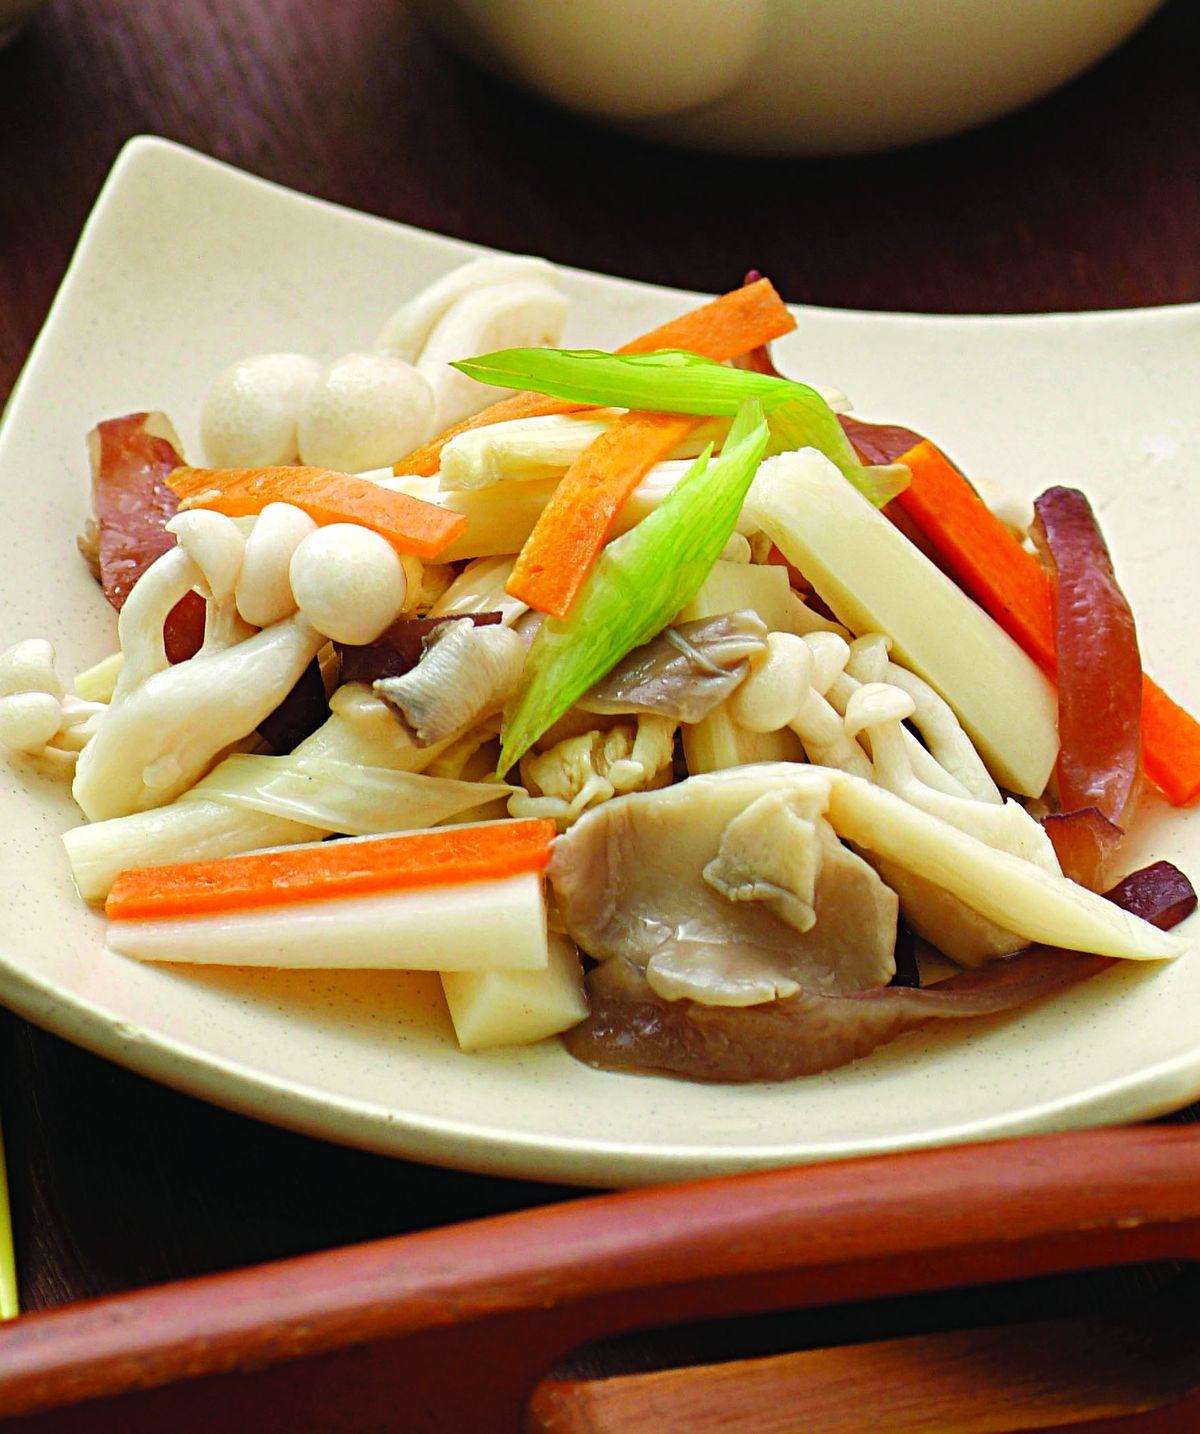 食譜:檳榔心炒養生菇